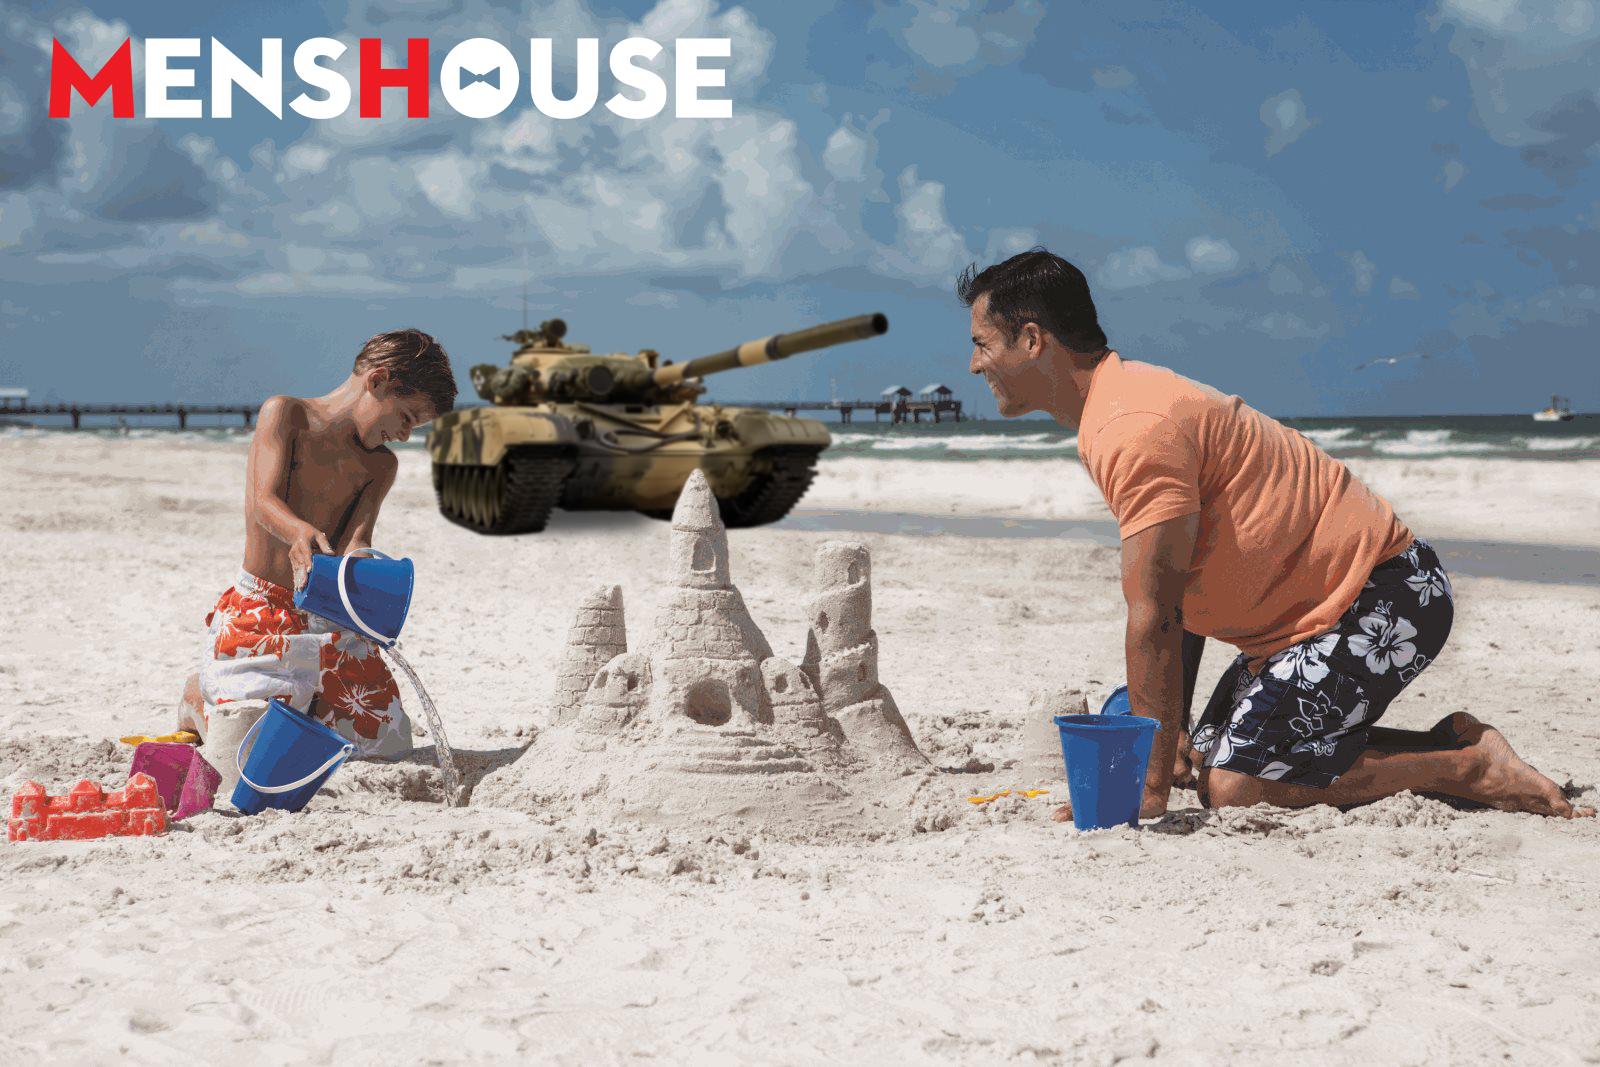 Σχέδιο «Ασφαλές μπάνιο»: Αυτά είναι τα 8 μέτρα για τον κορωνοϊό στις παραλίες φέτος το καλοκαίρι (Pics)